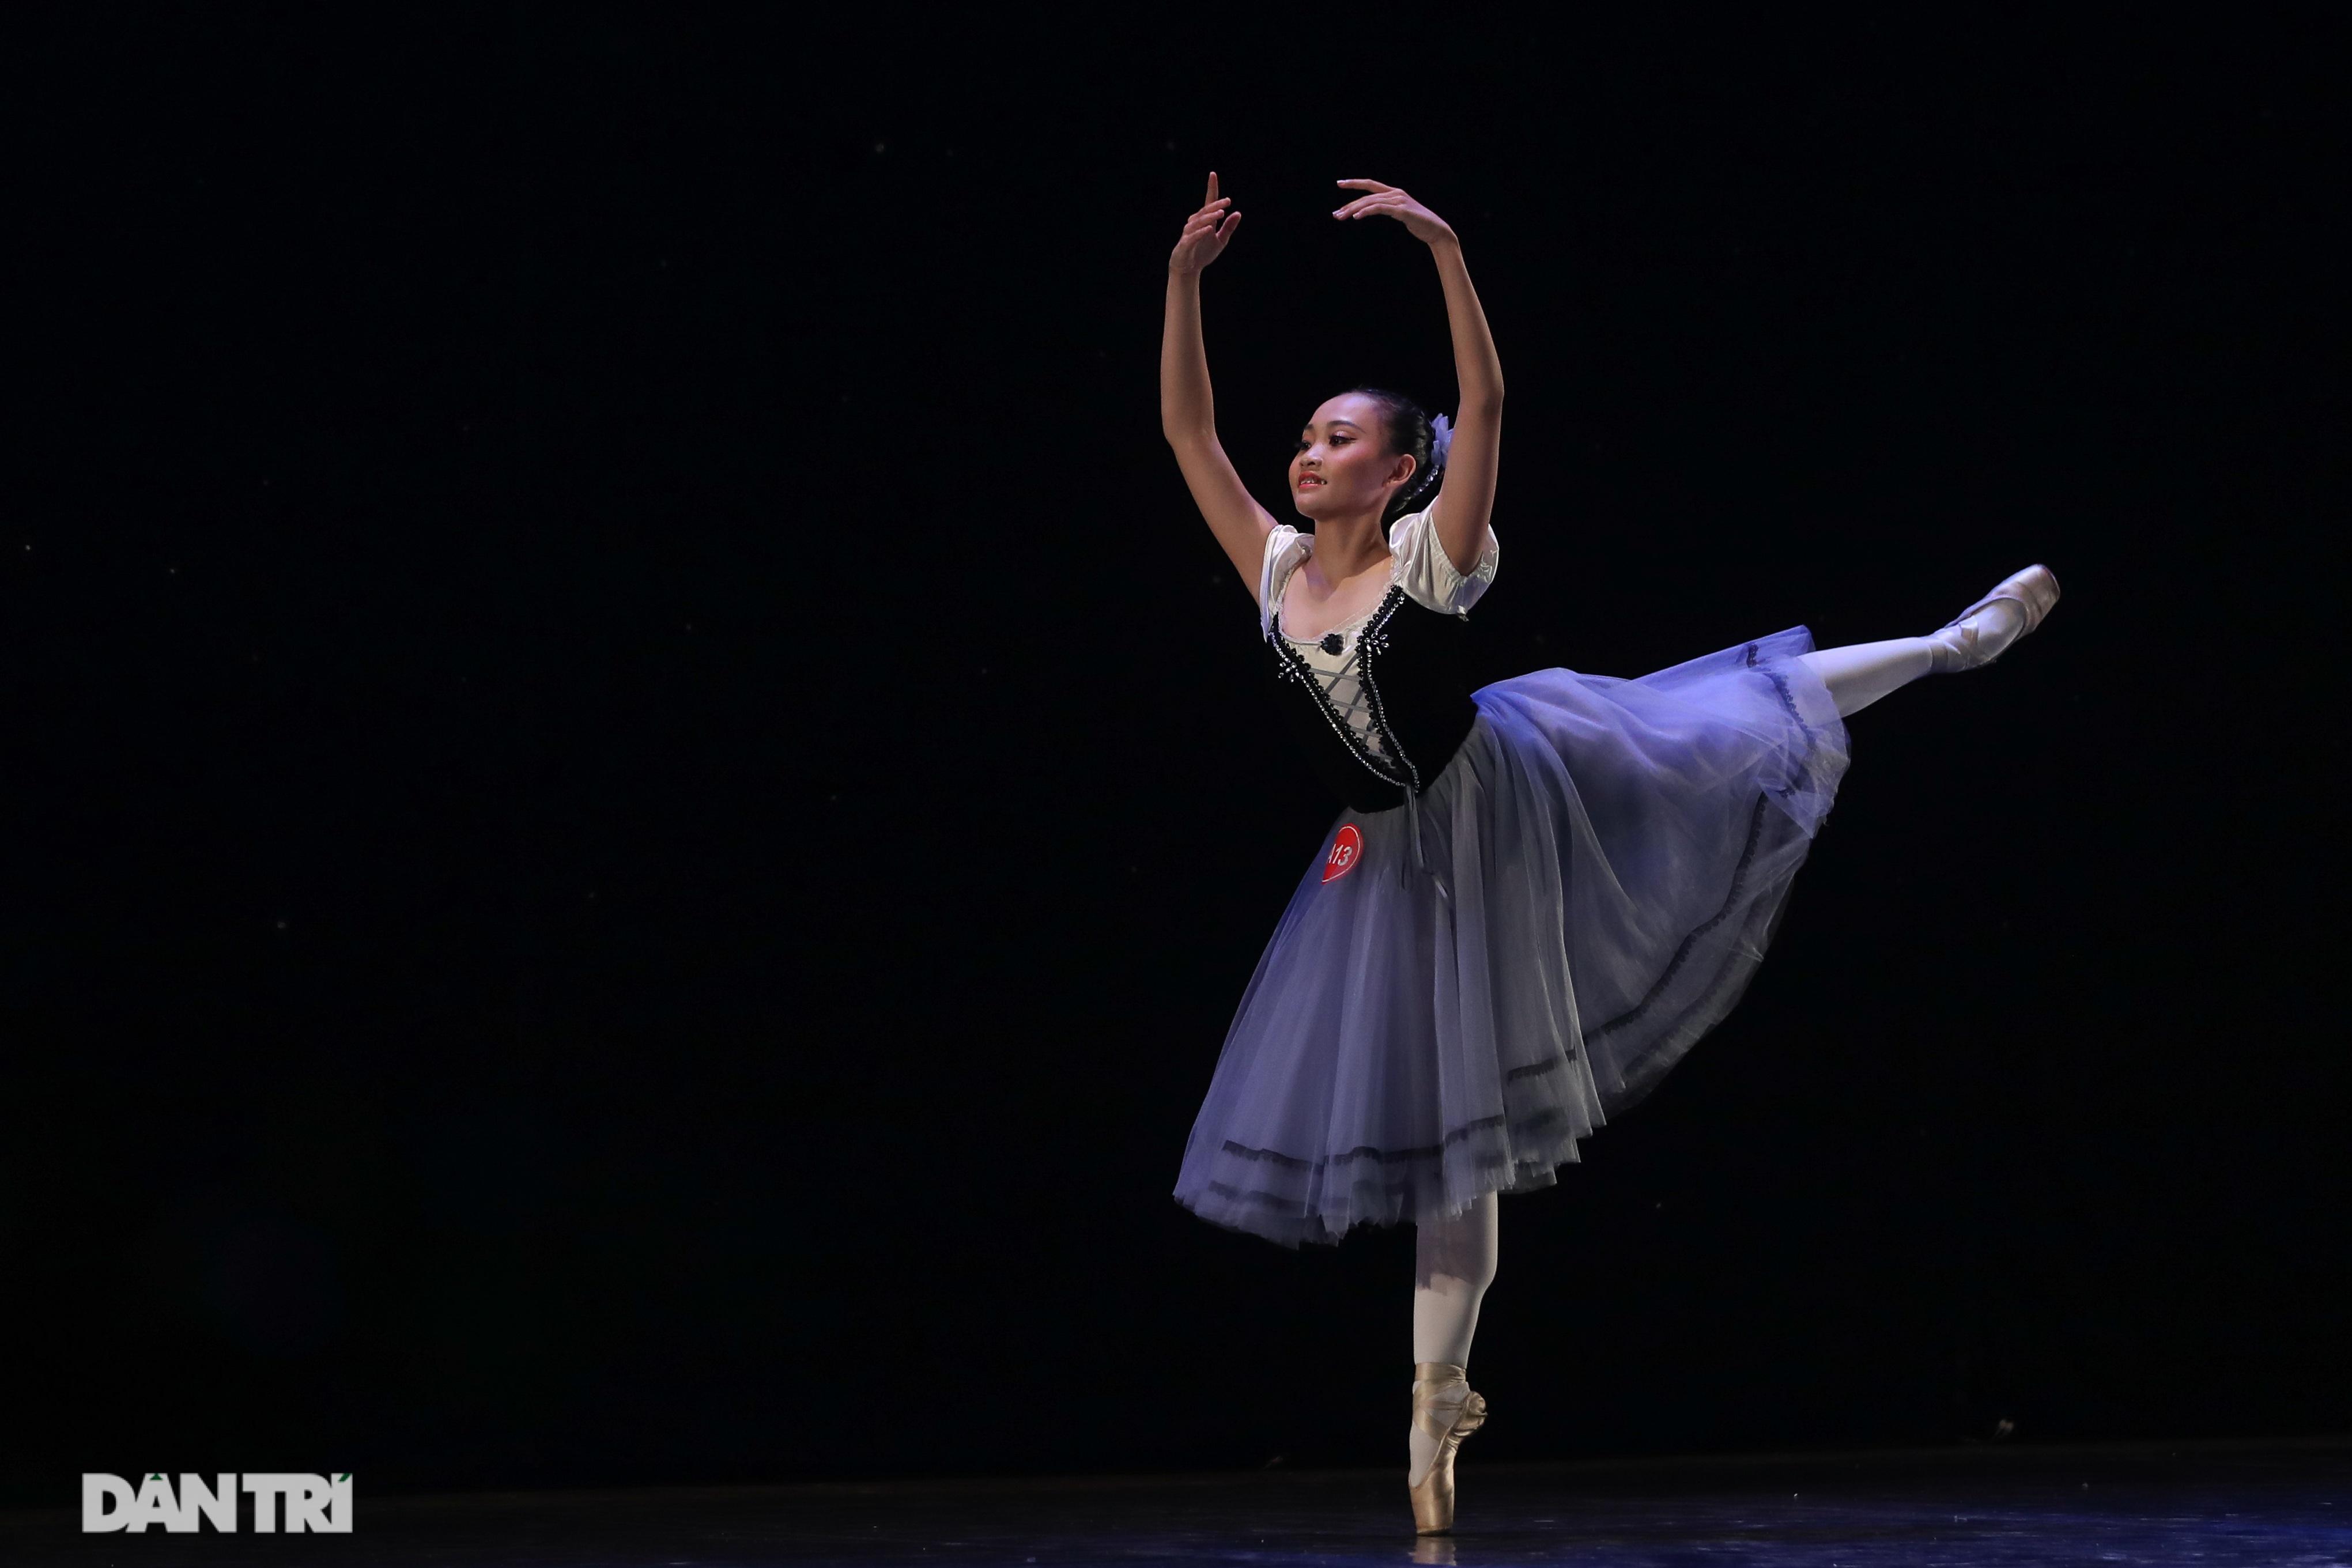 Khoảnh khắc mê hồn tại cuộc thi Tài năng biểu diễn múa - 20